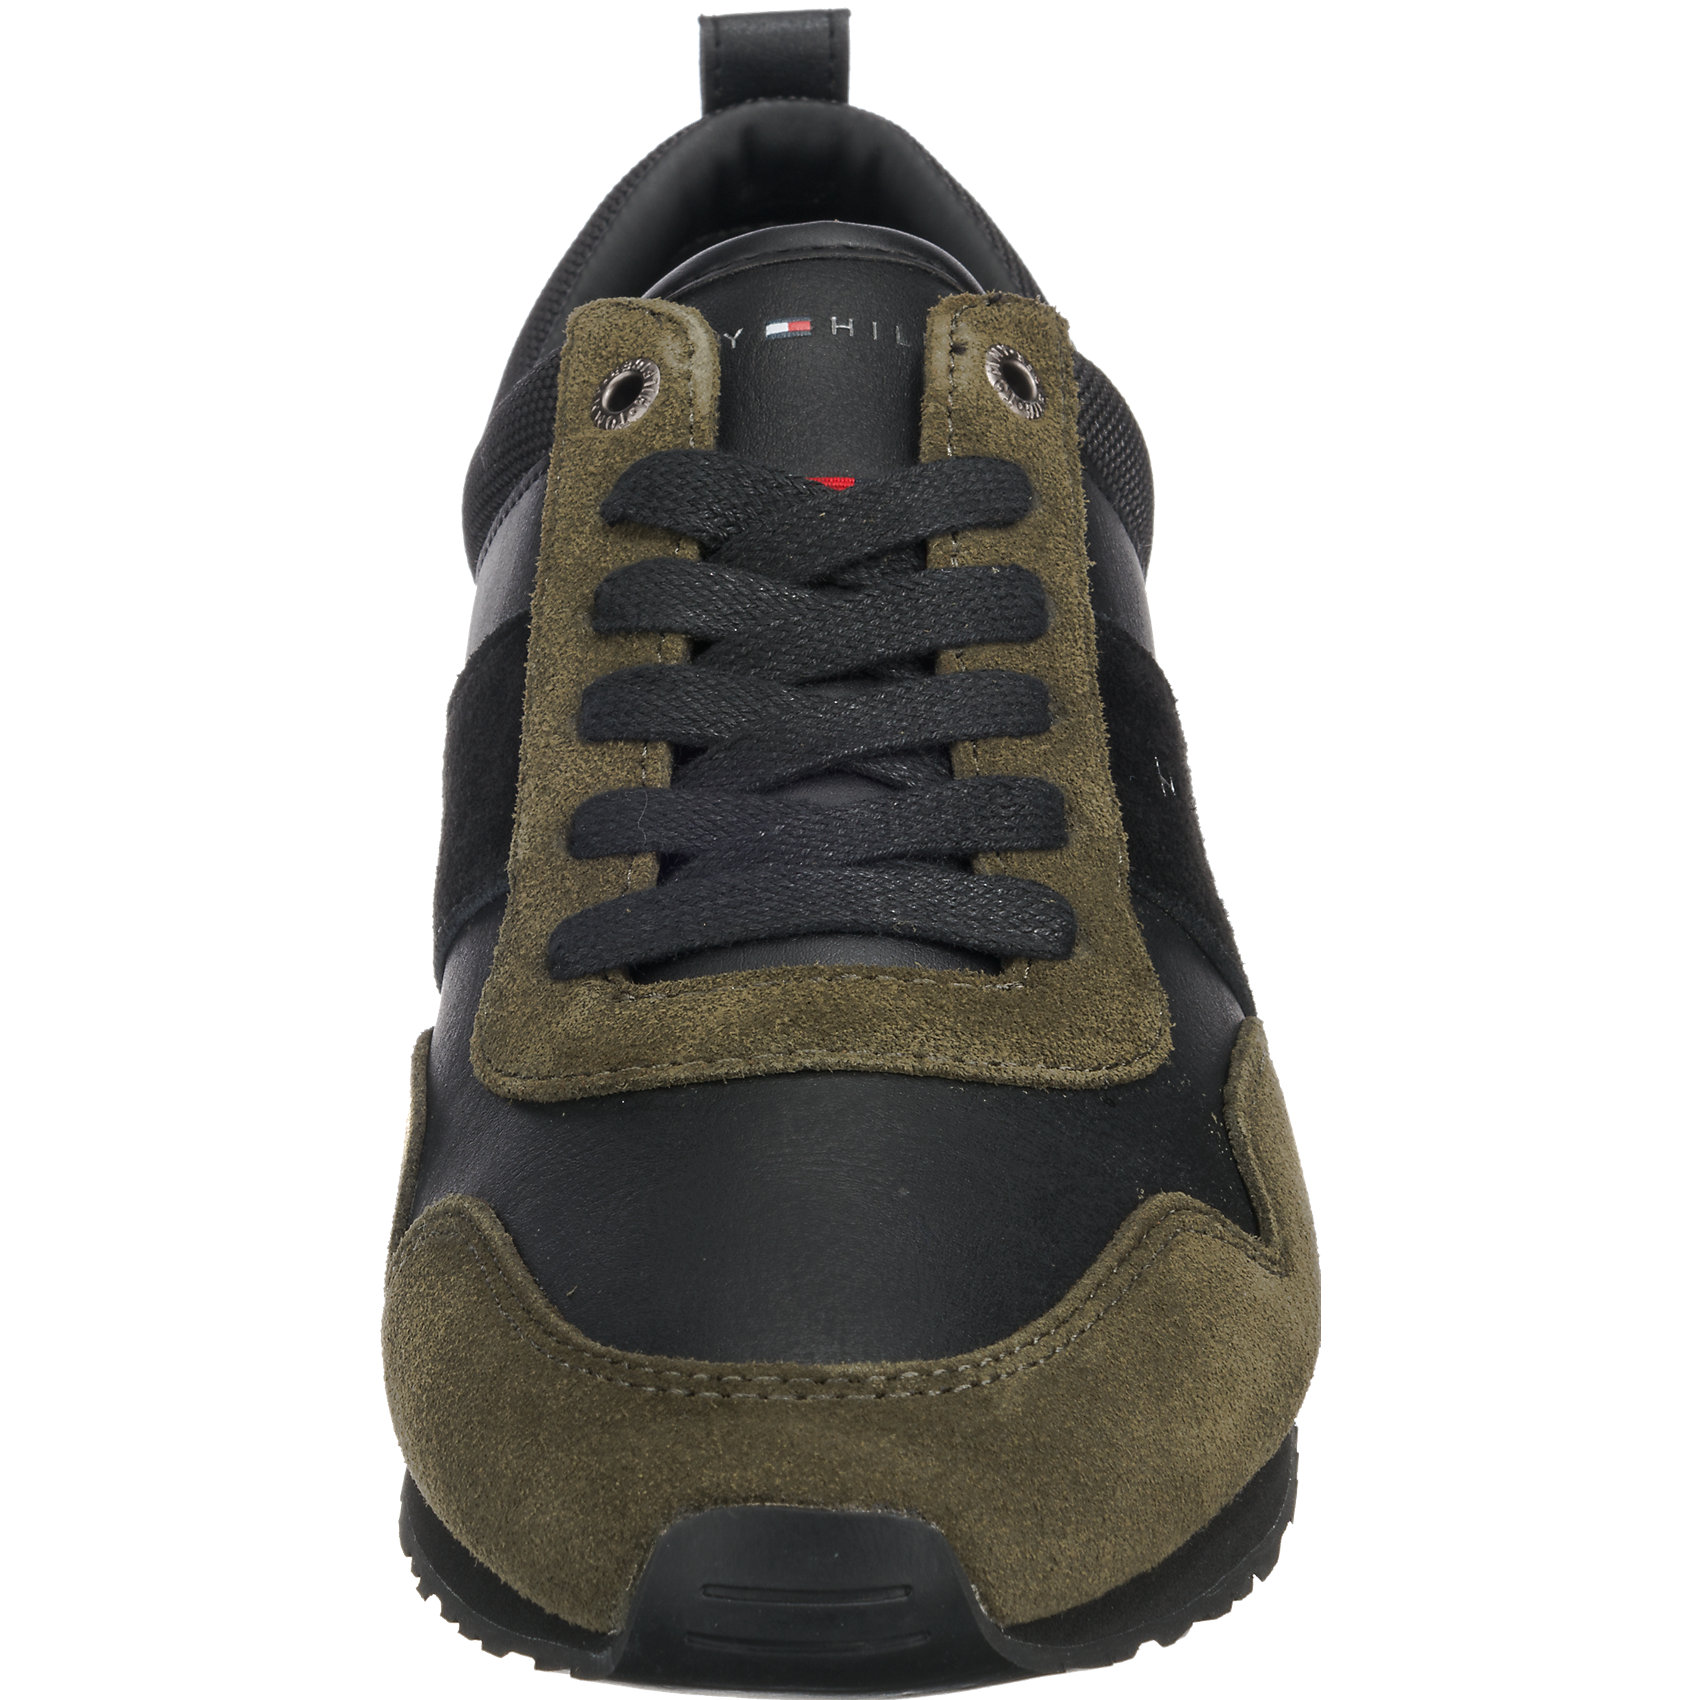 Neu TOMMY HILFIGER Maxwell Sneakers 6961059 für Herren grün-kombi